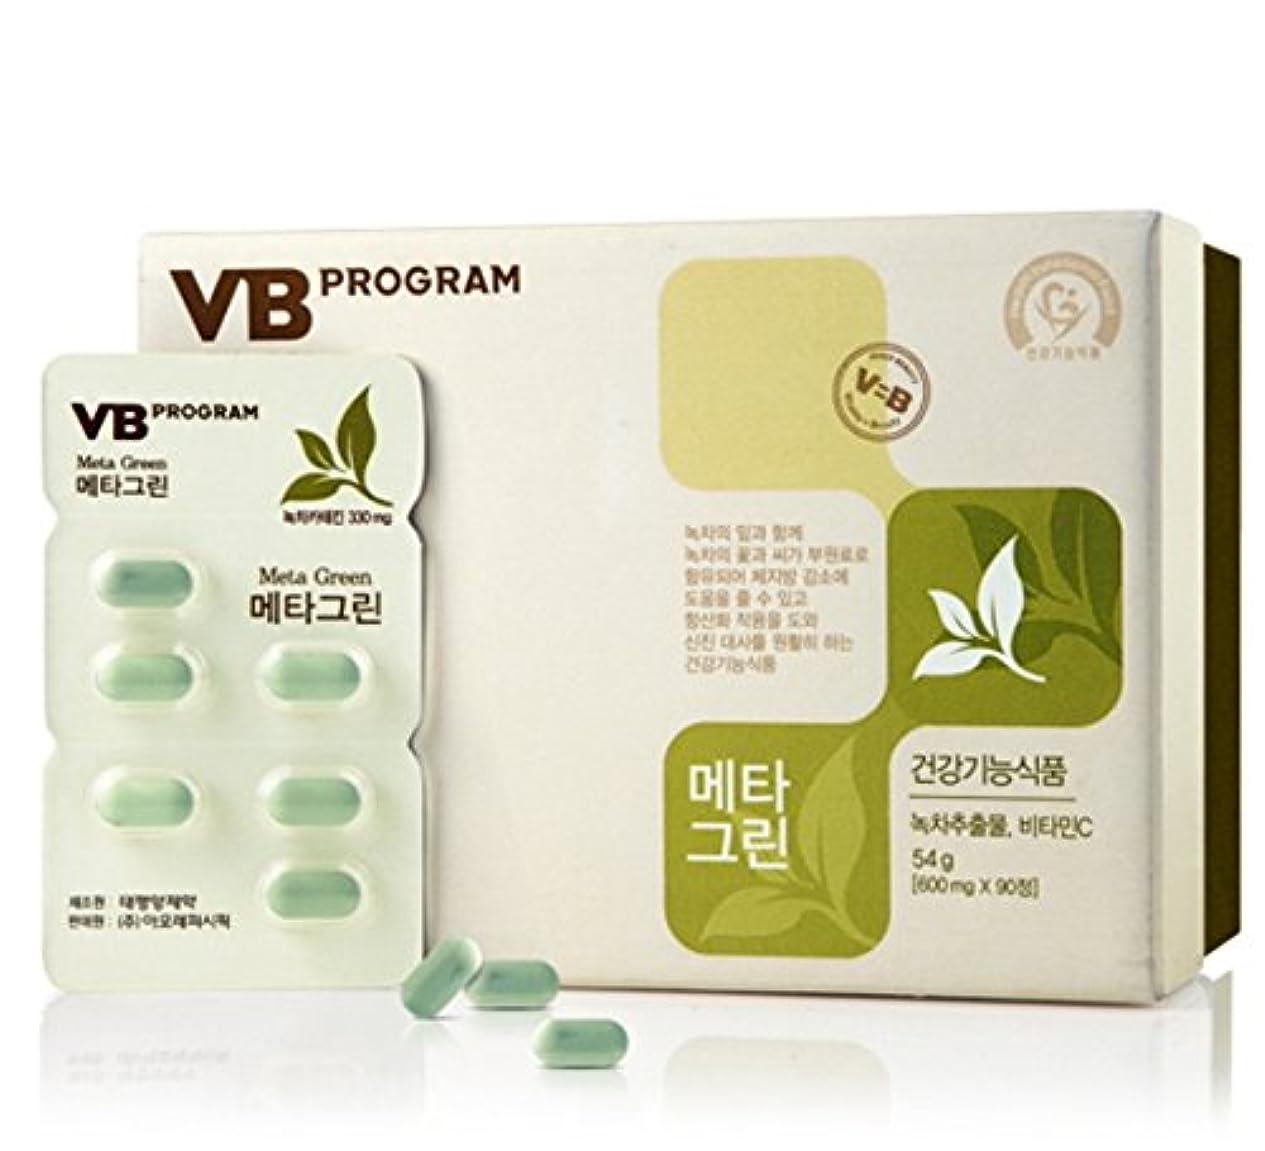 スリーブ最近関係ないVb Program Meta Green 600mg X 90 Pills 54g for Women Weight Control Green Tea[並行輸入品]